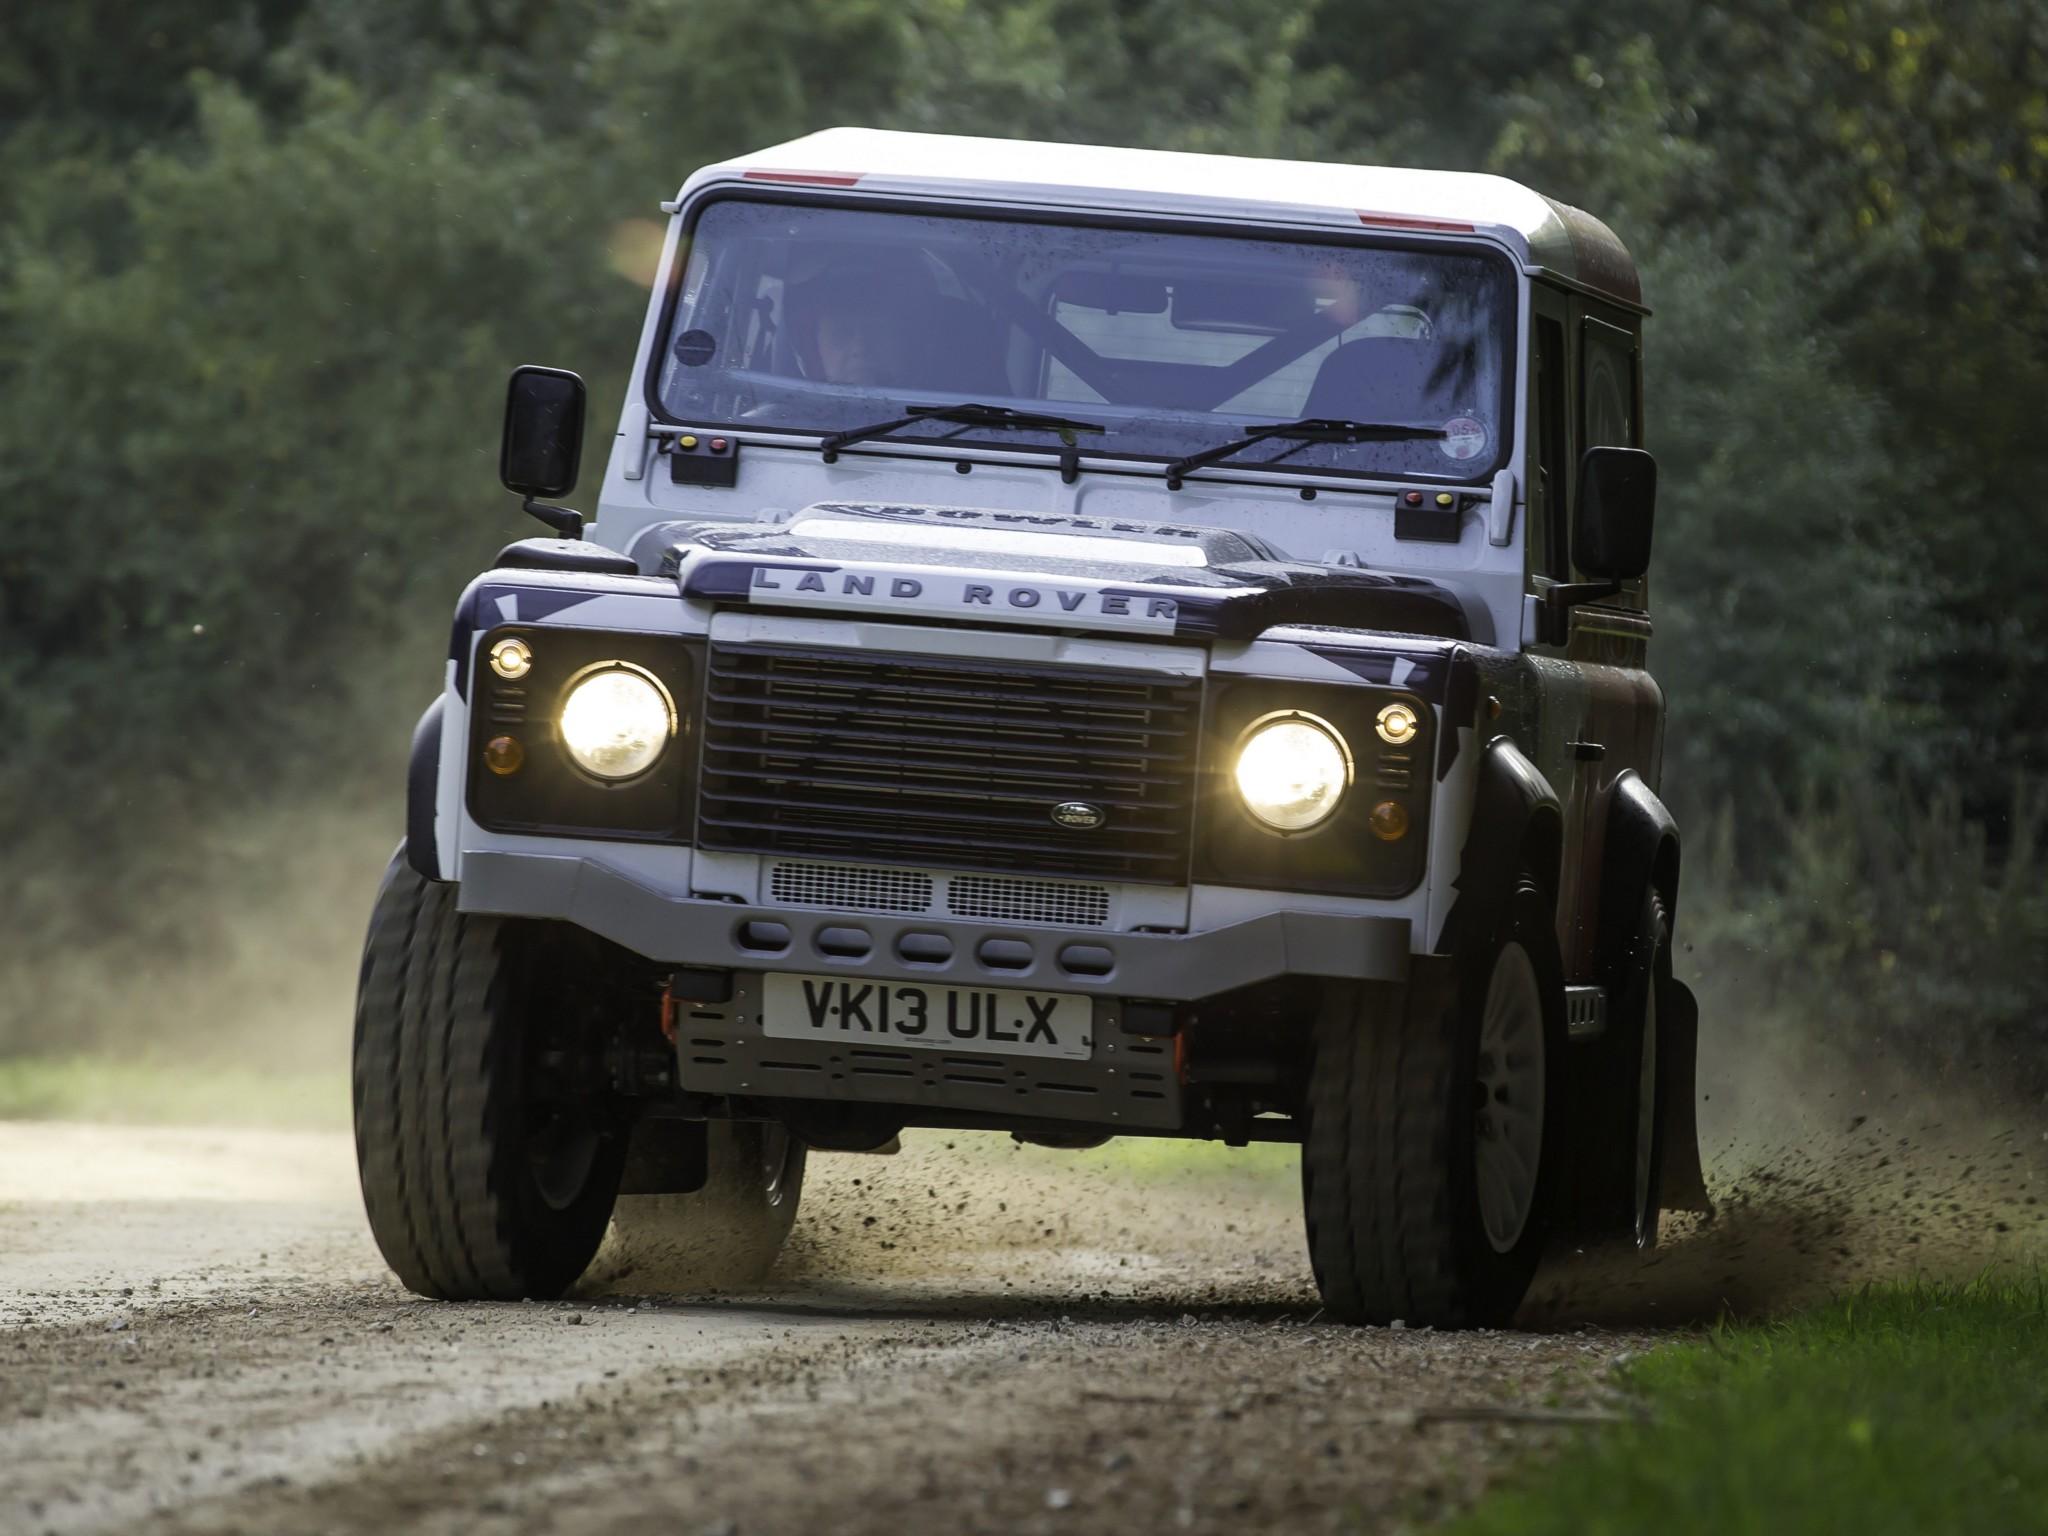 2014 land rover defender challenge truck suv 4x4 g. Black Bedroom Furniture Sets. Home Design Ideas